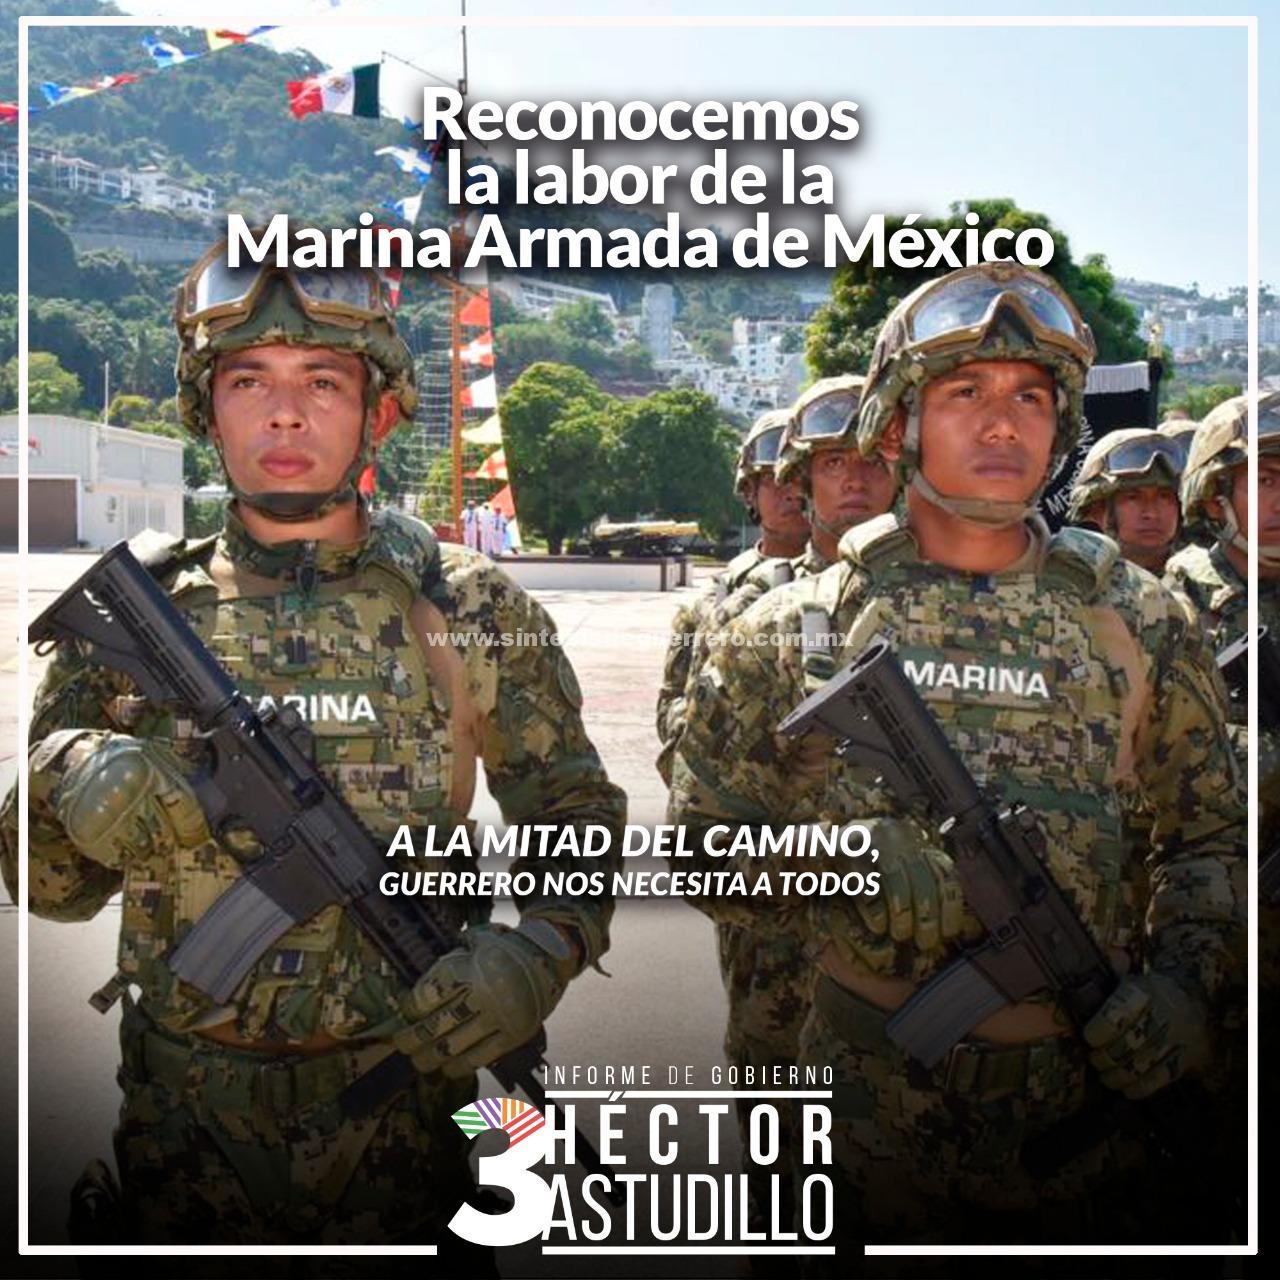 Reconocemos la labor de la Marina Armada de México